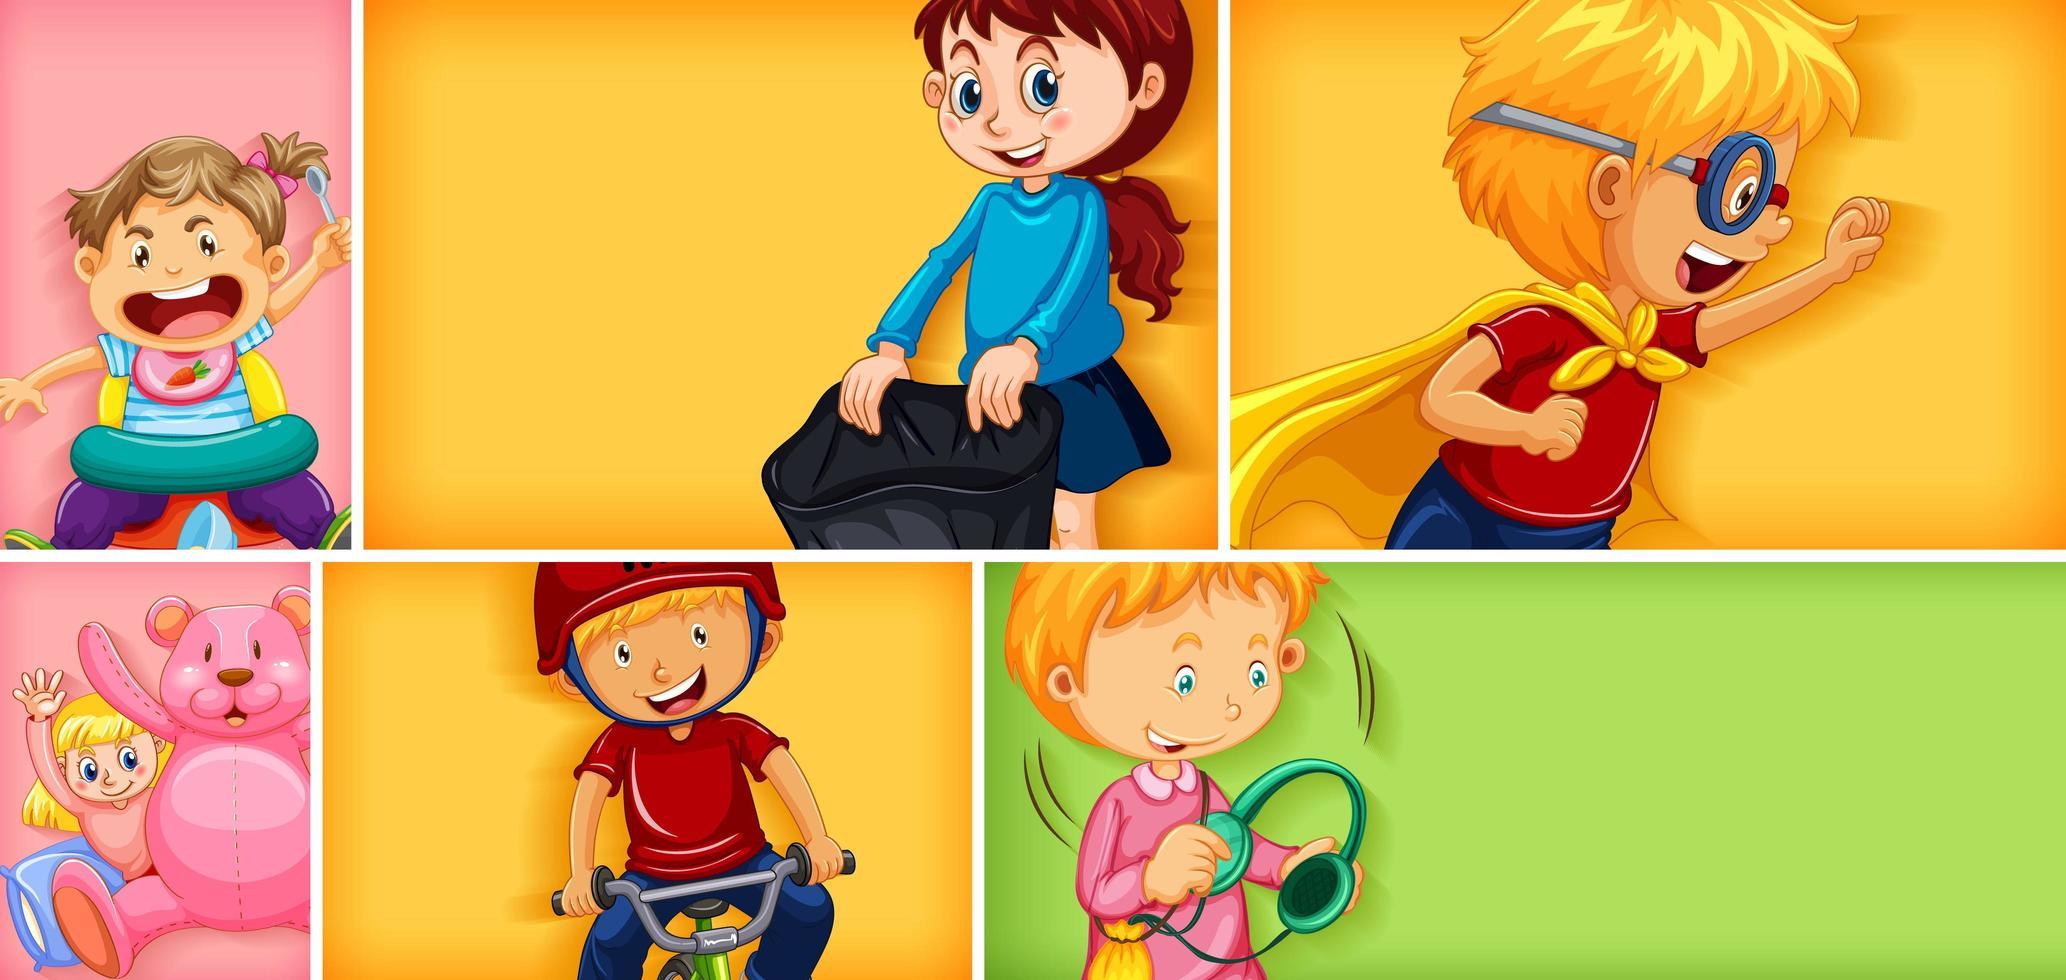 verschillende kinderkarakters op verschillende kleurenachtergrond vector